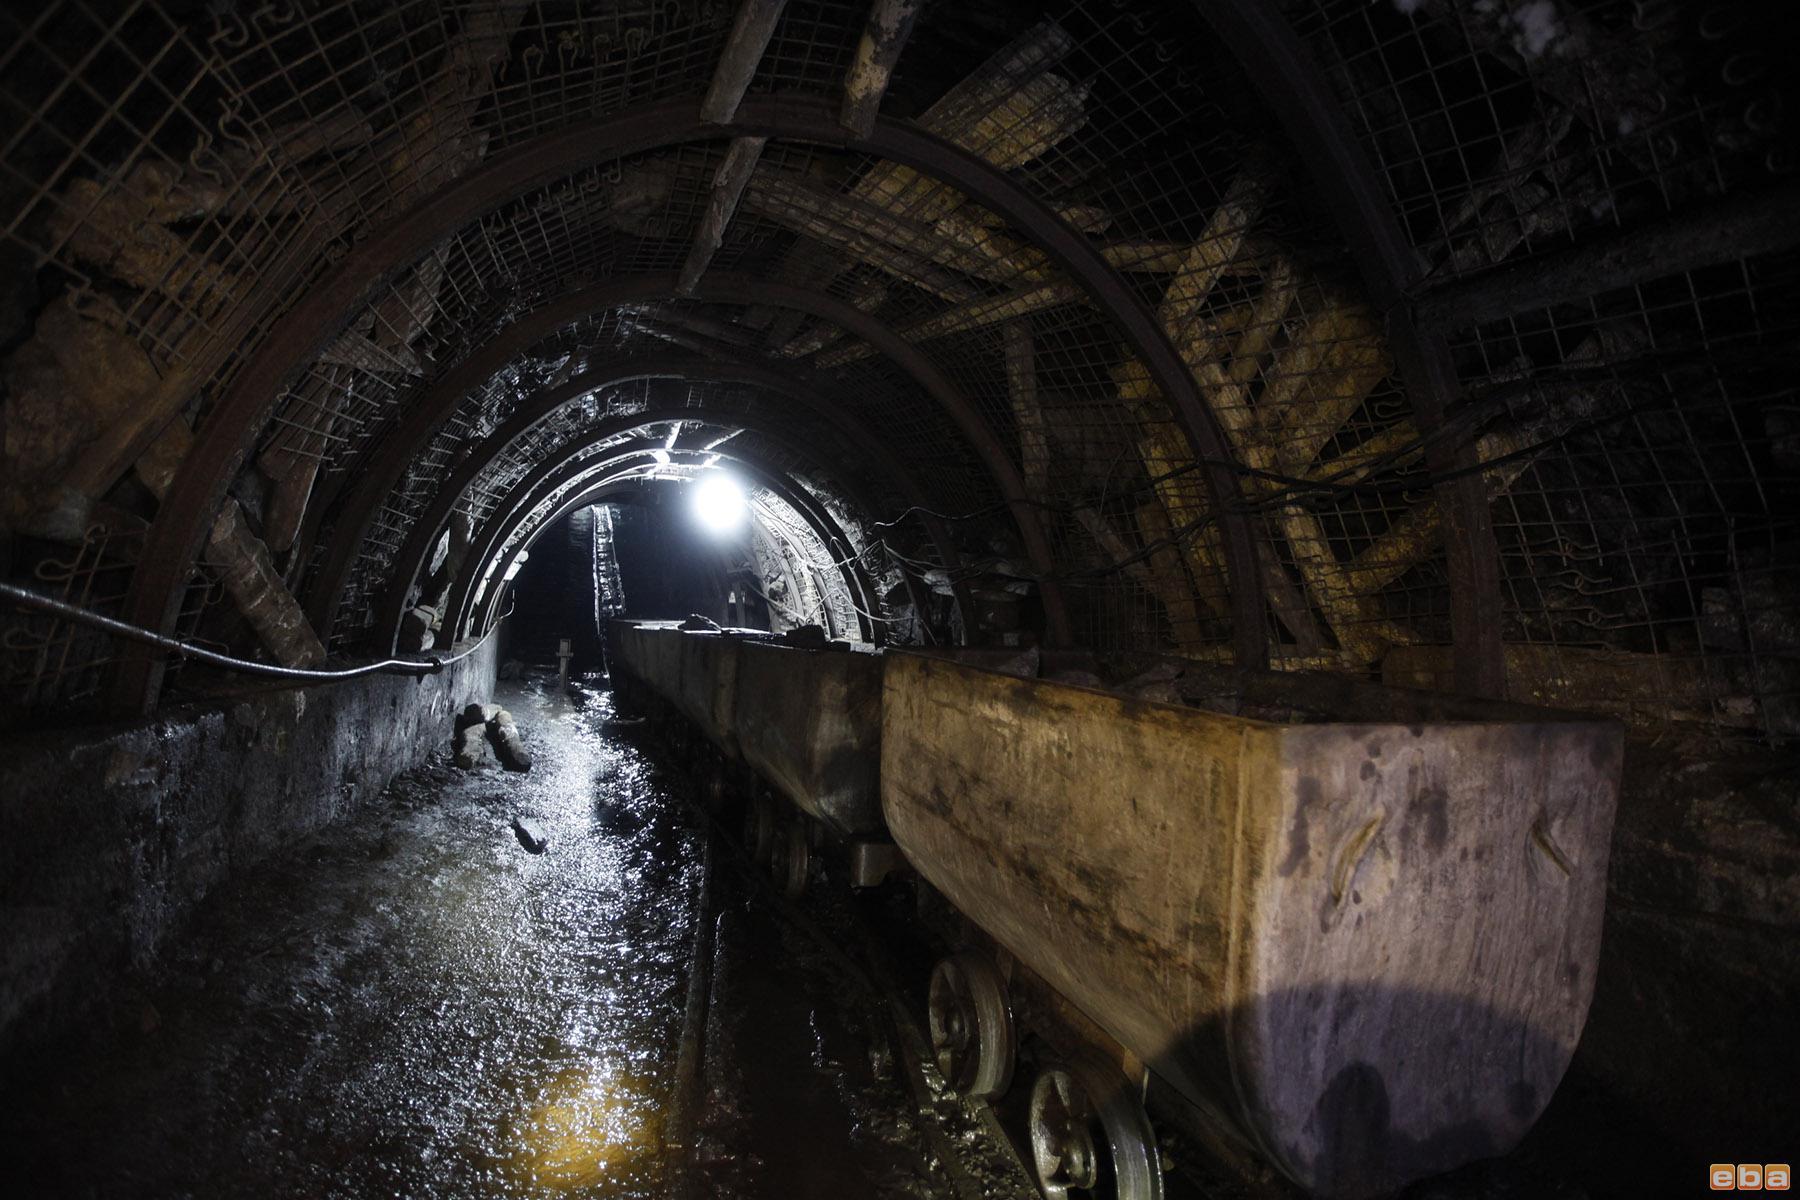 Maden ocağında freni bozulan vagon işçilere çarptı: 4 işçi yaralı